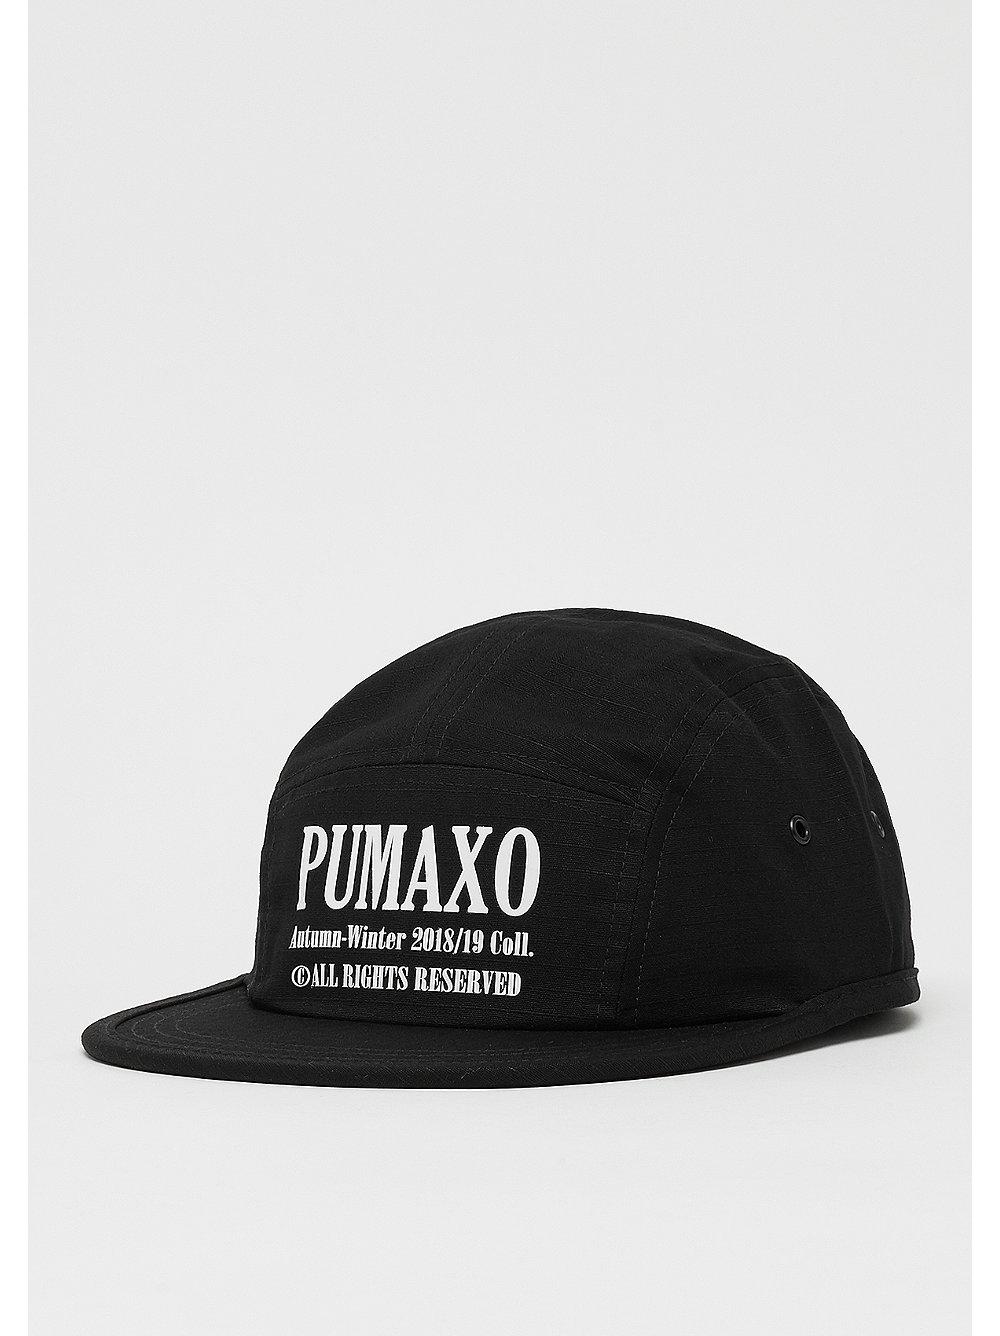 Compra Puma Puma x XO 5Pl Cap black Gorras 5 paneles en SNIPES 92fbb3ded85